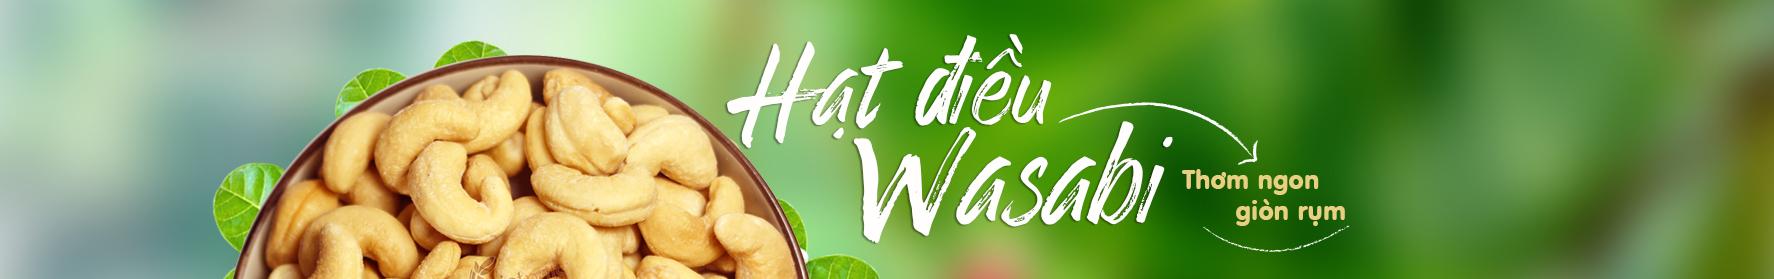 Hạt điều wasabi Vietnuts